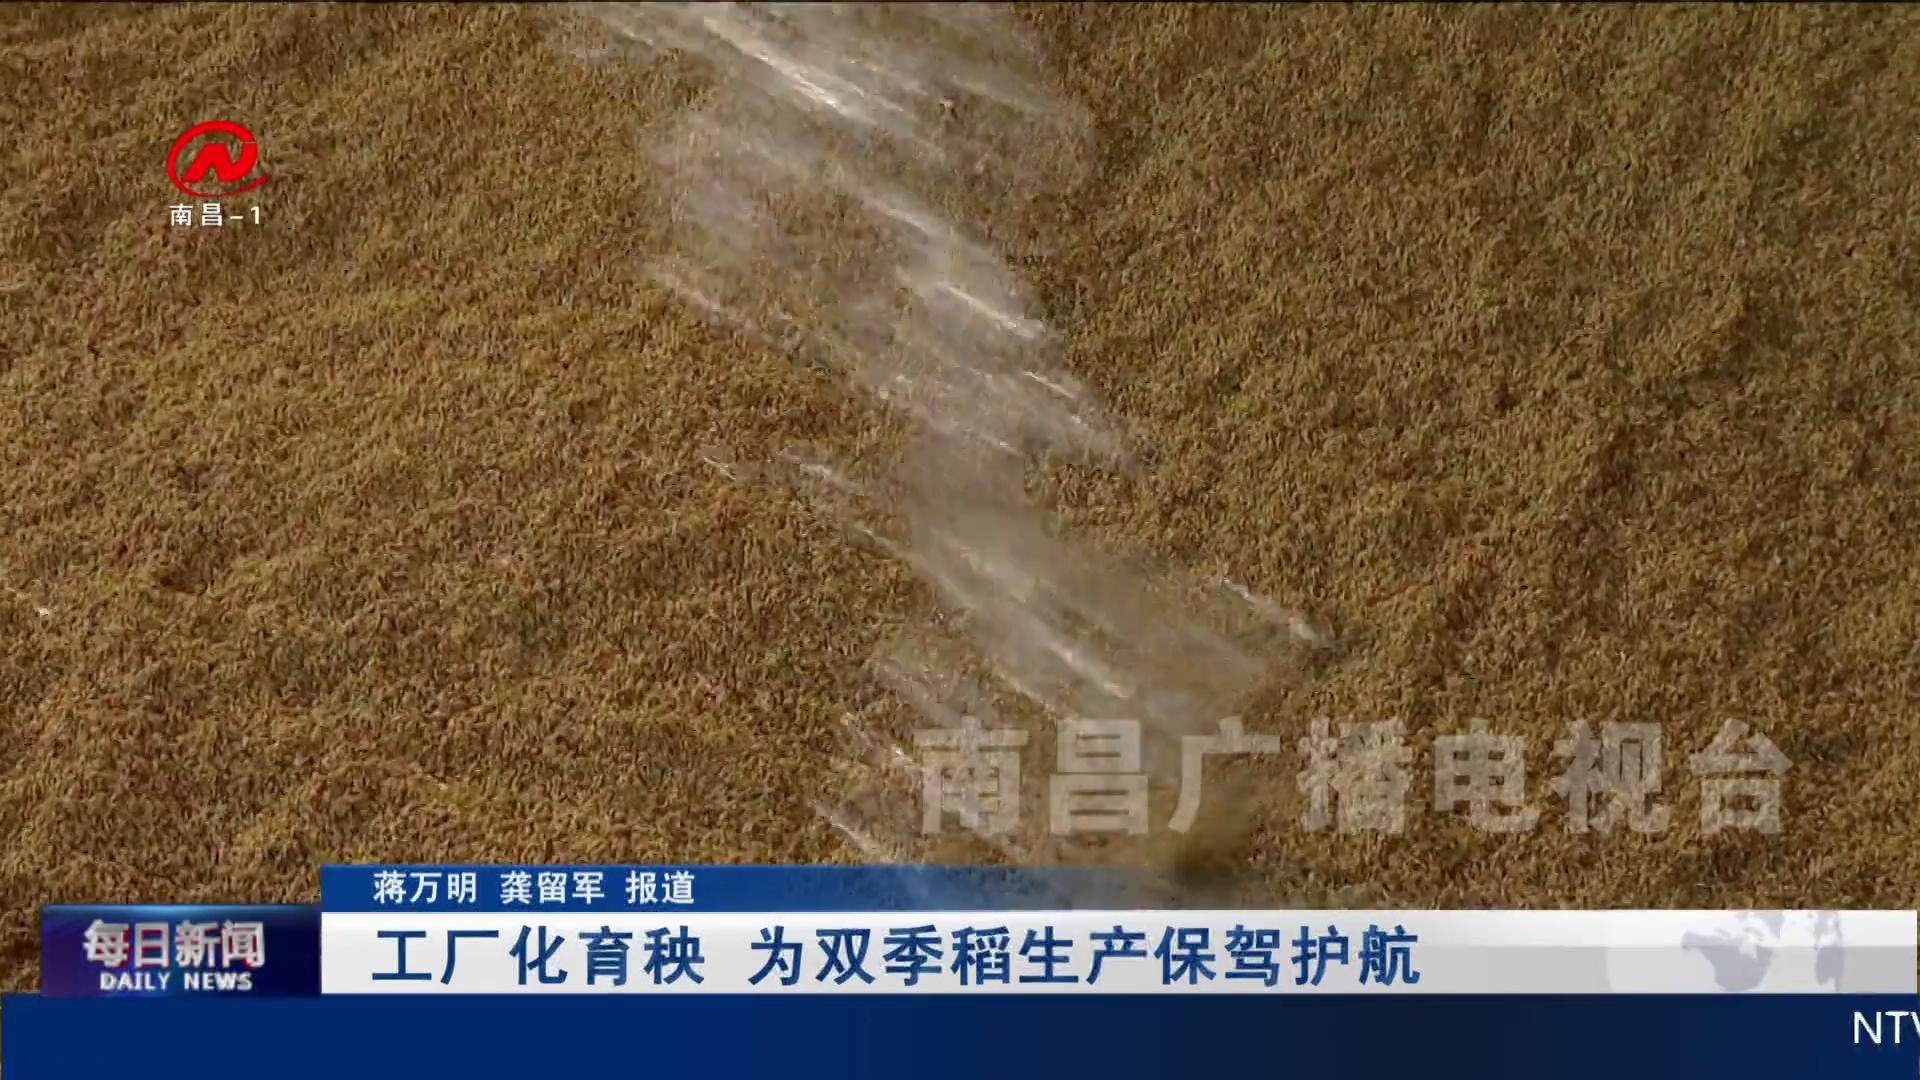 工廠化育秧 為雙季稻生產保駕護航